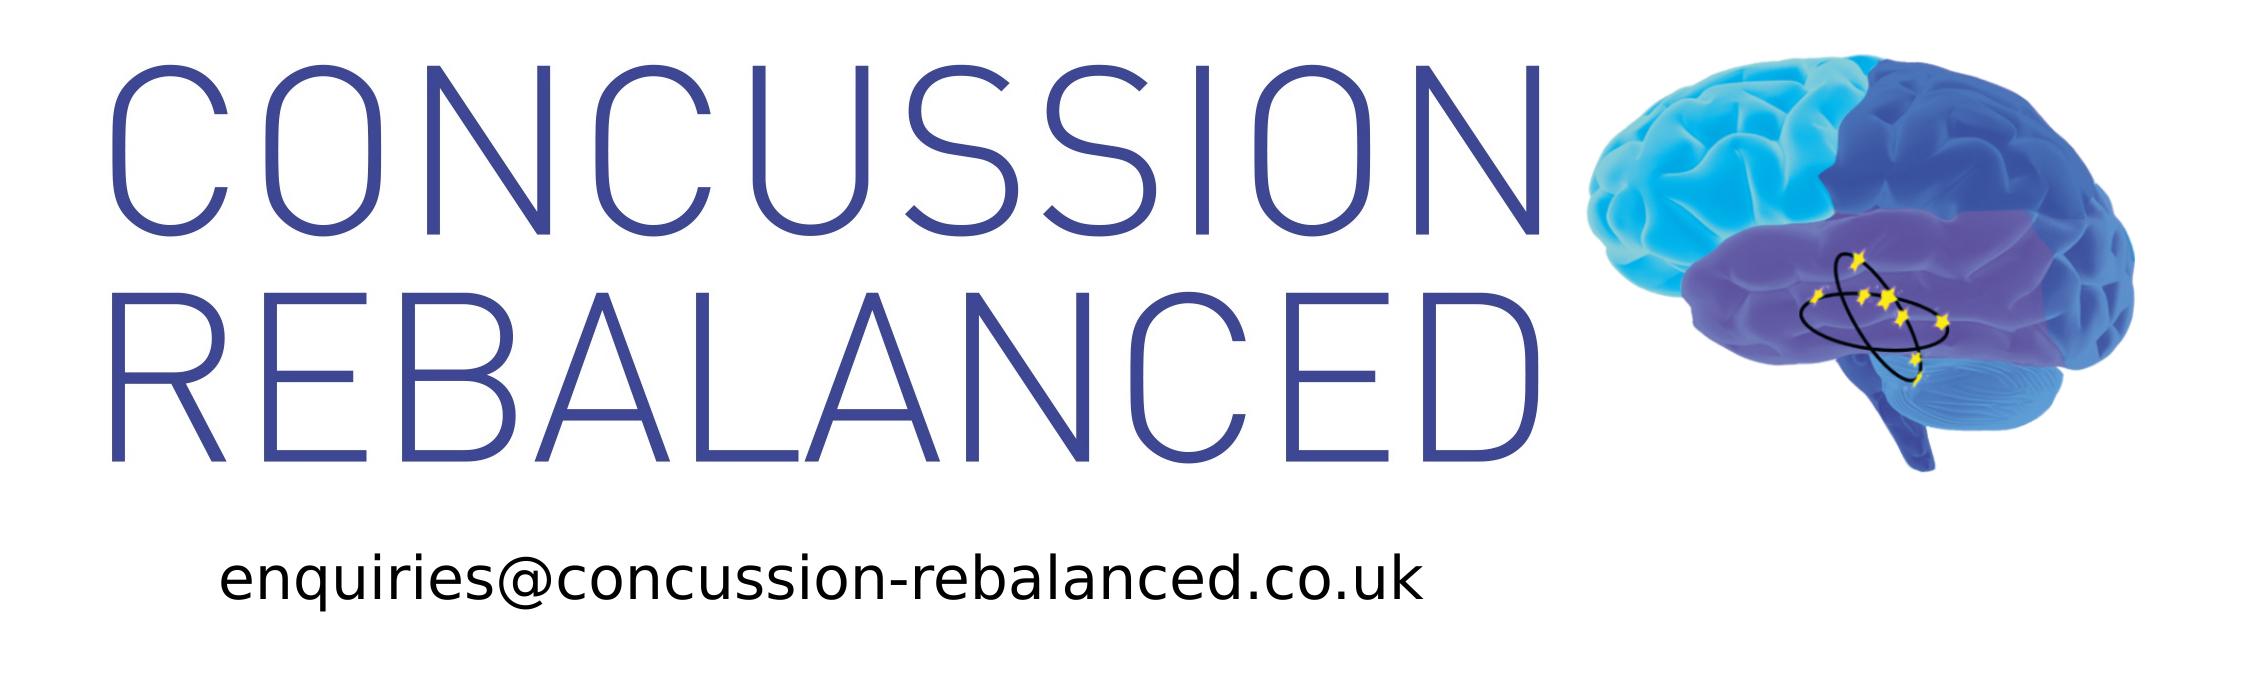 Concussion Rebalanced Logo